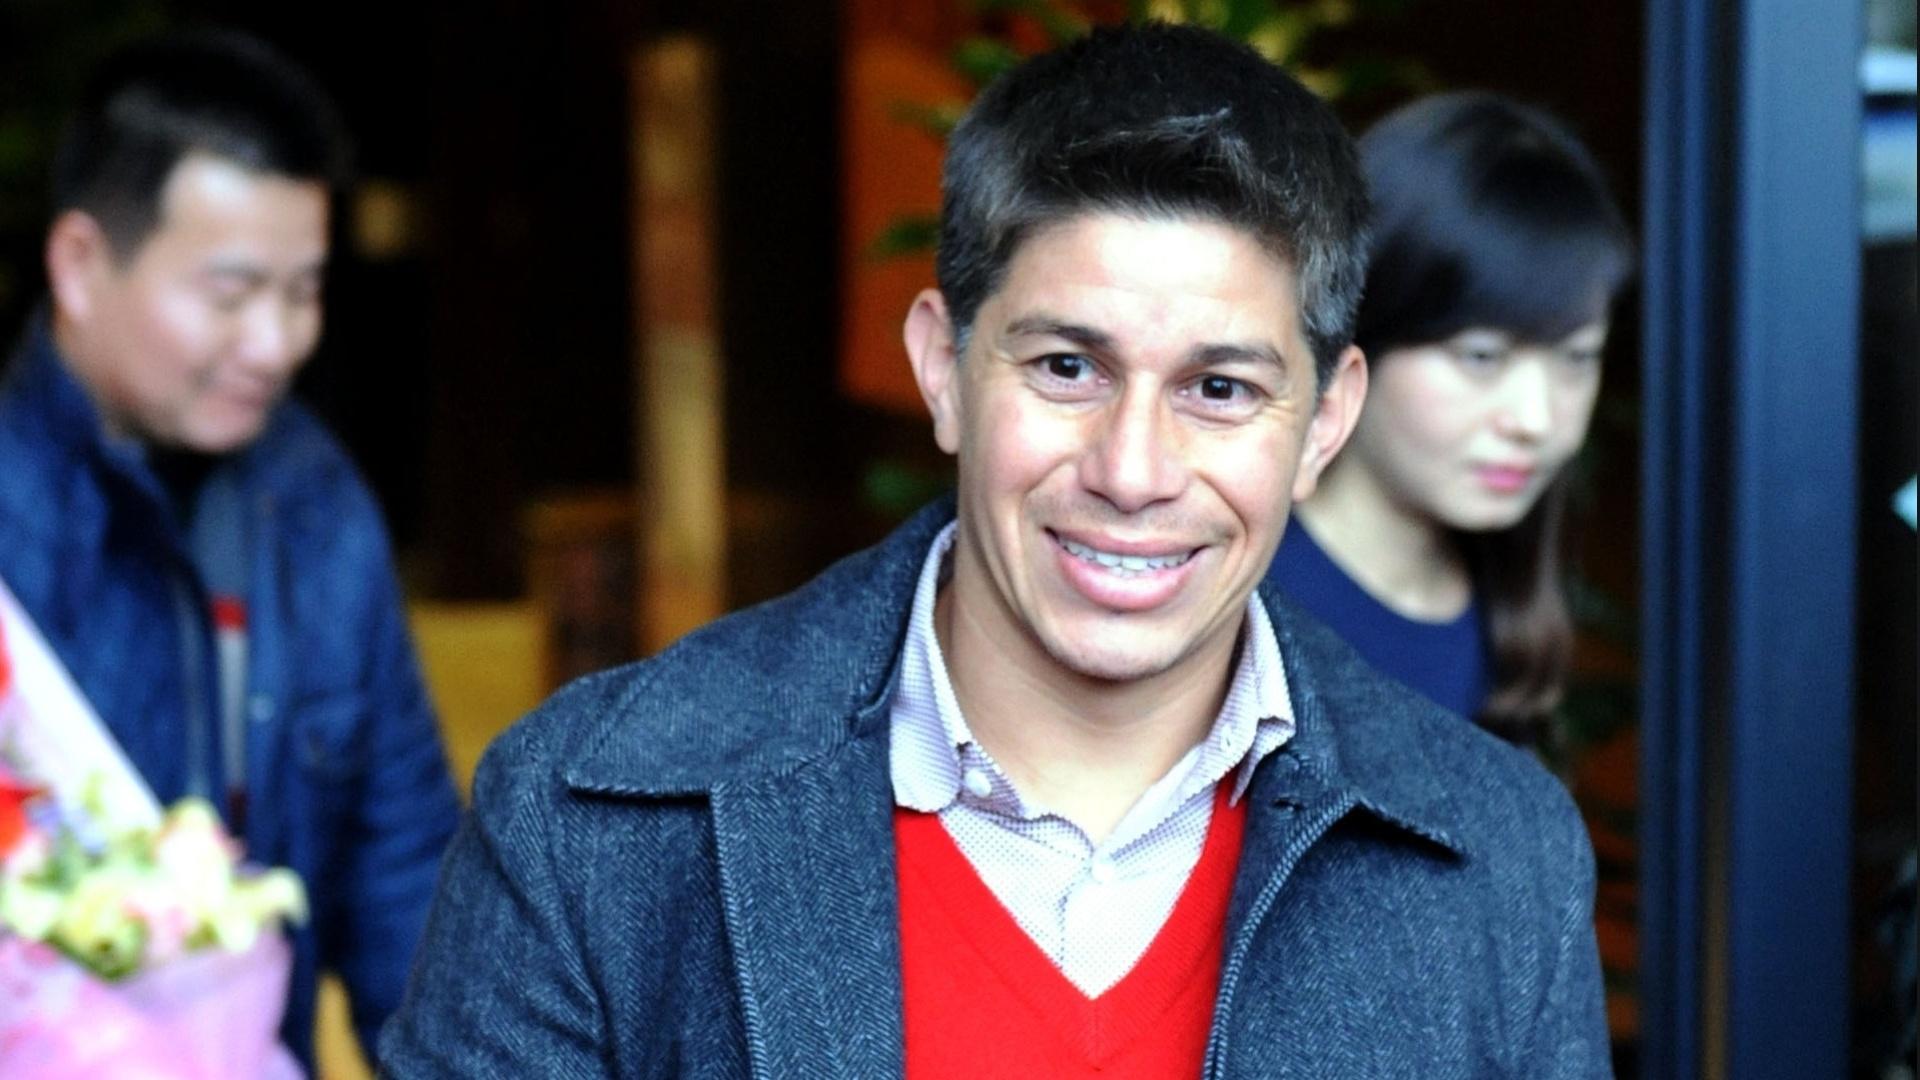 Darío Conca chega à China para se apresentar ao Shanghai SIPG